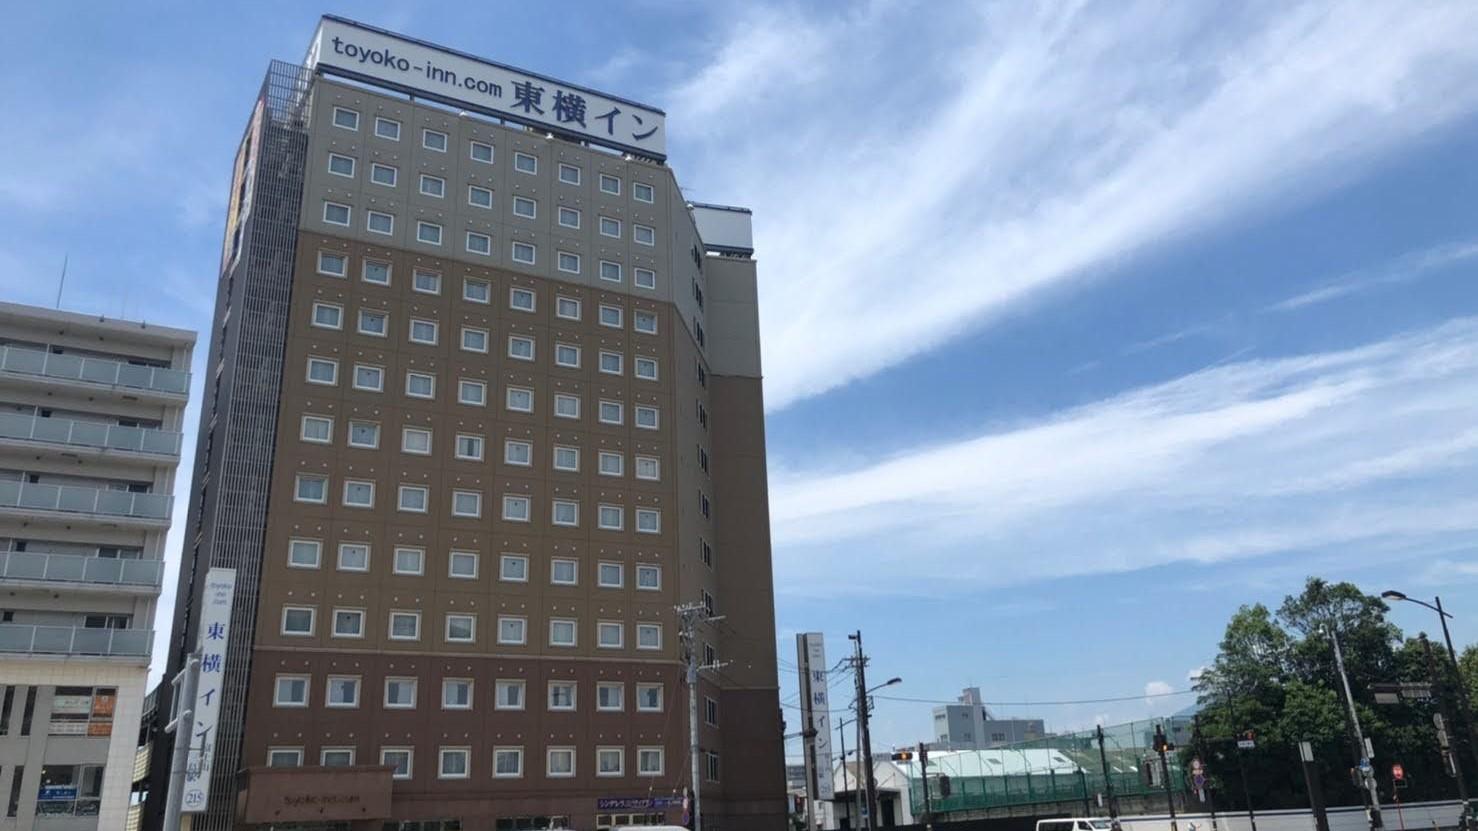 東横イン 富士山 三島駅◆楽天トラベル